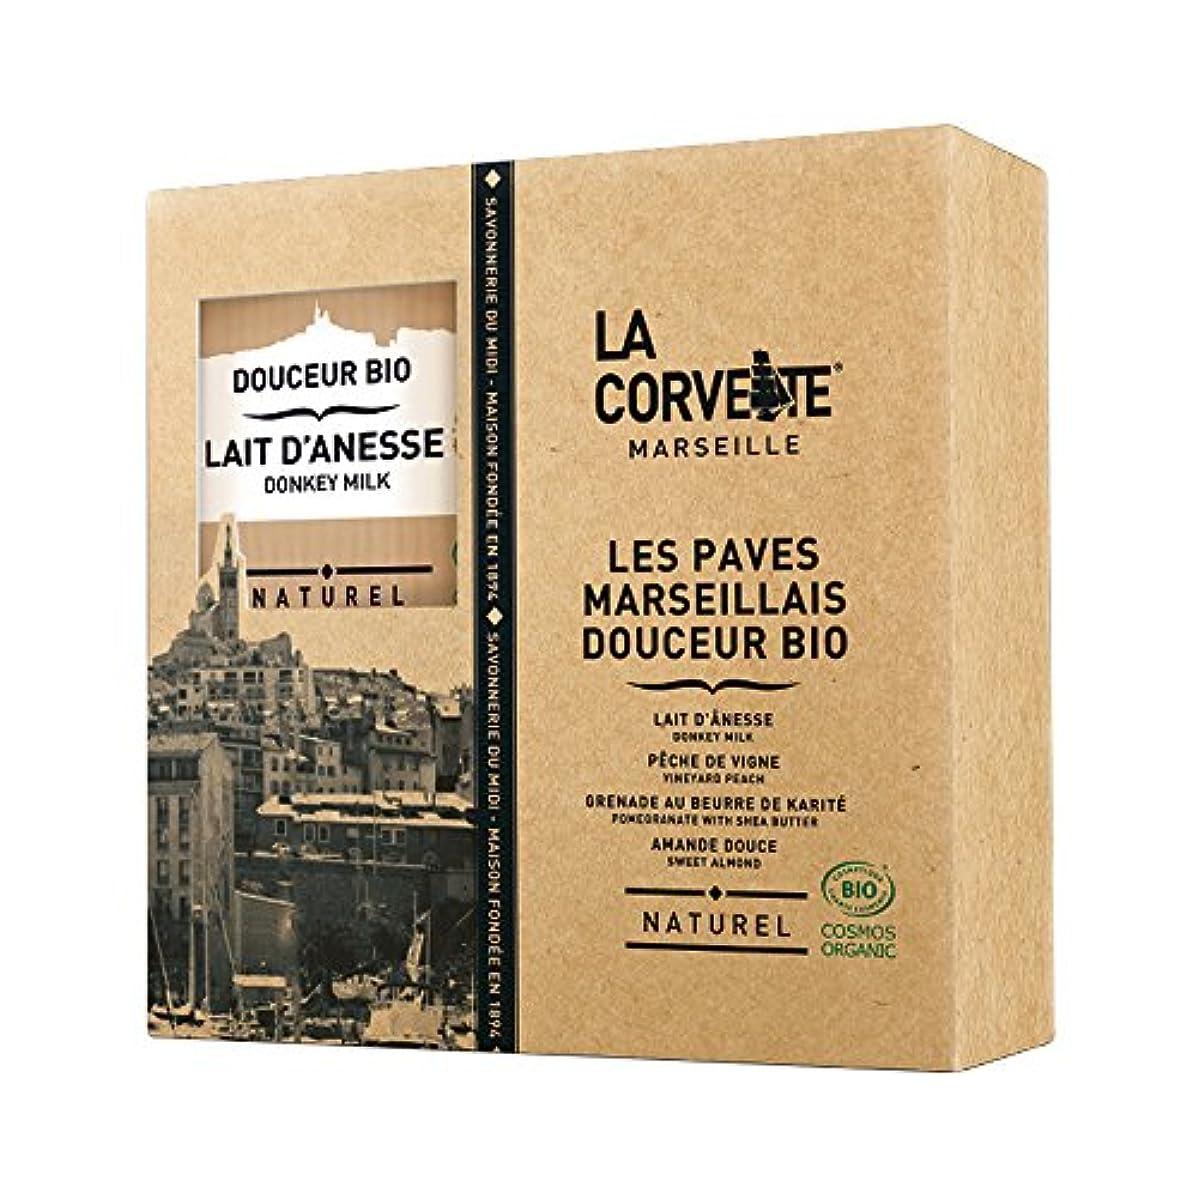 知覚的バラバラにする思想La Corvette(ラ?コルベット) ラ?コルベット ビオソープギフトボックス